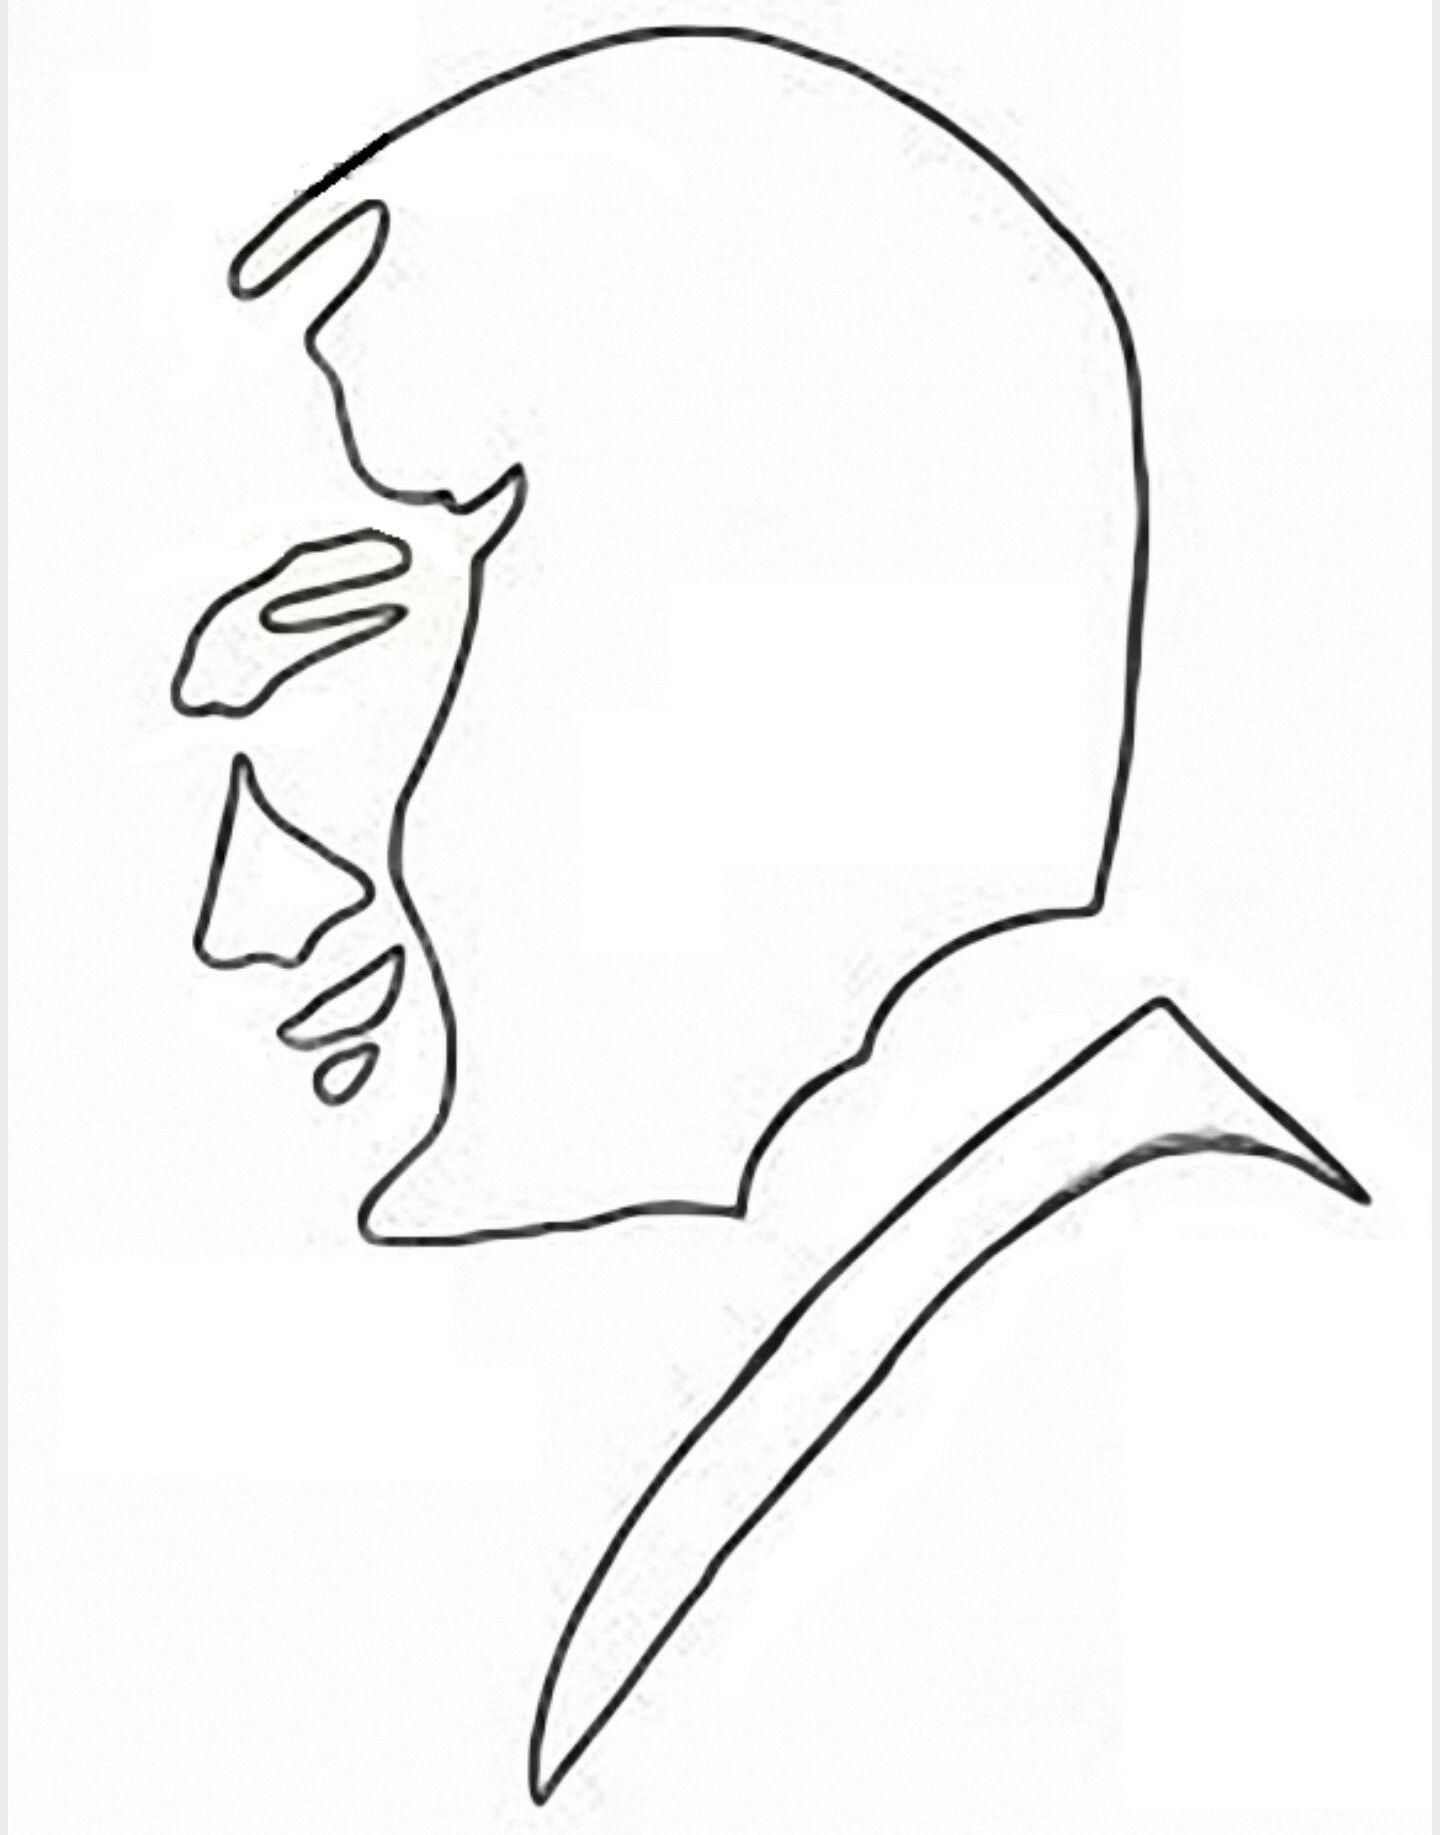 Ozb Adli Kullanicinin Faaliyetler Panosu Panosundaki Pin Okul Cocuklar Icin Sanat Kil Testere Desenleri